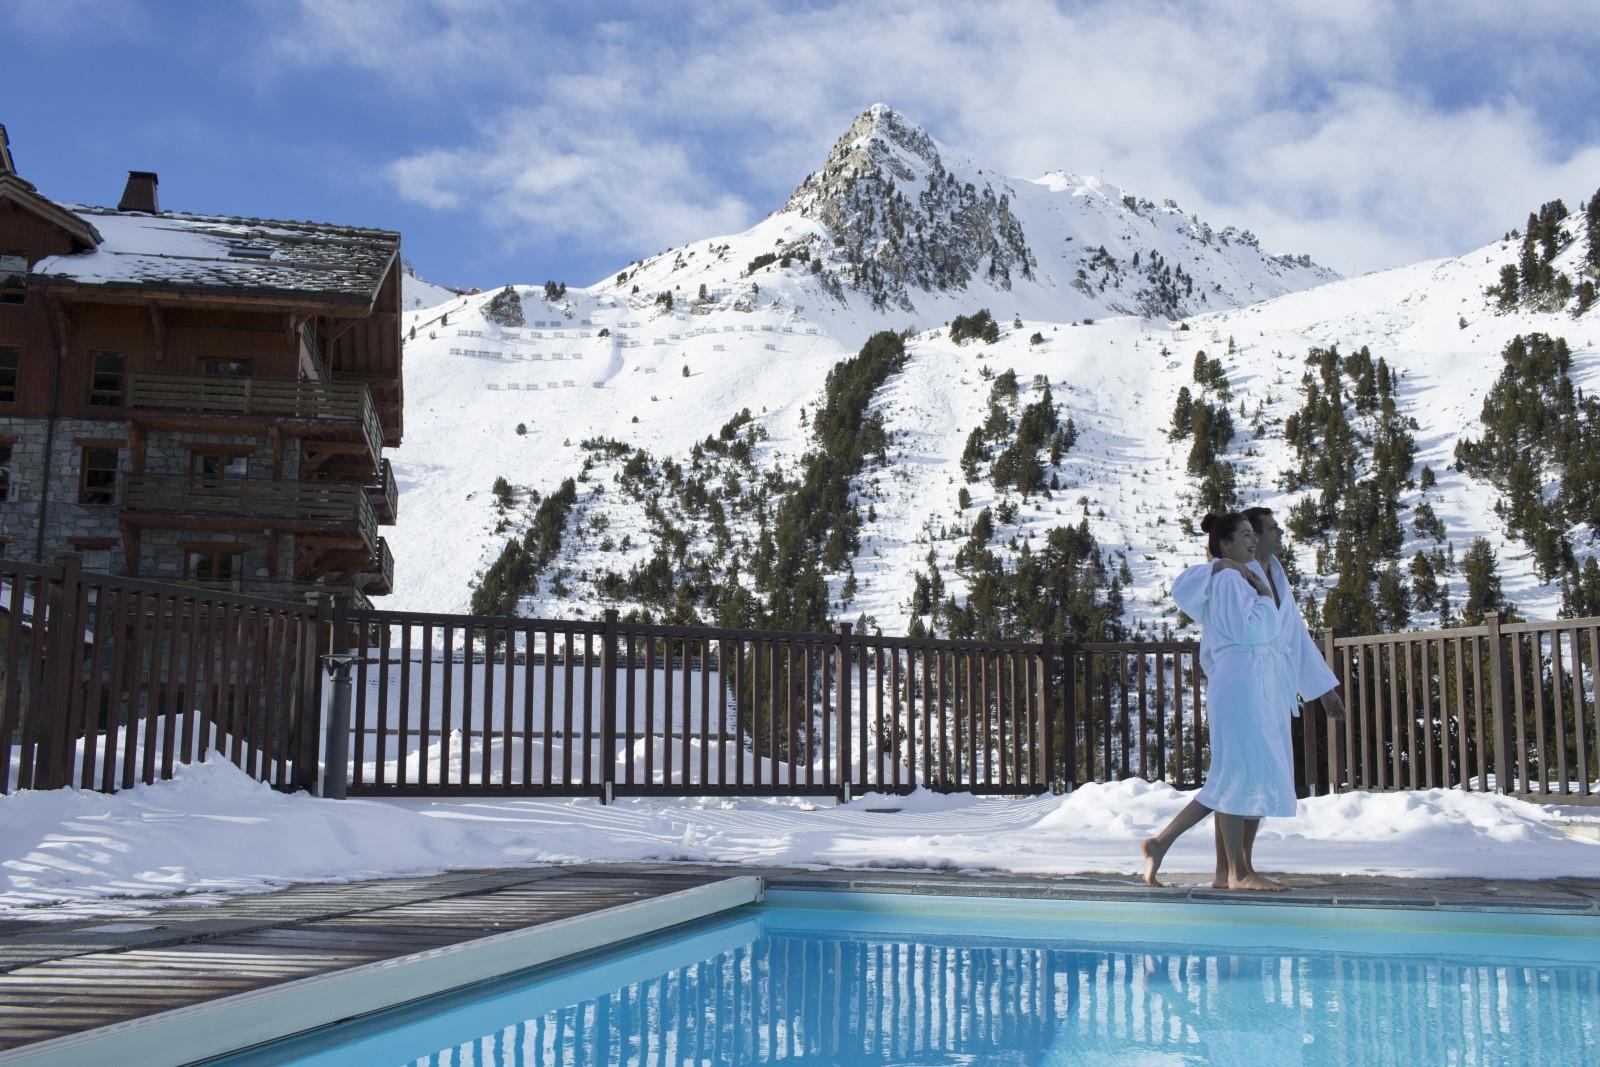 piscines arc 1950, dans les alpes